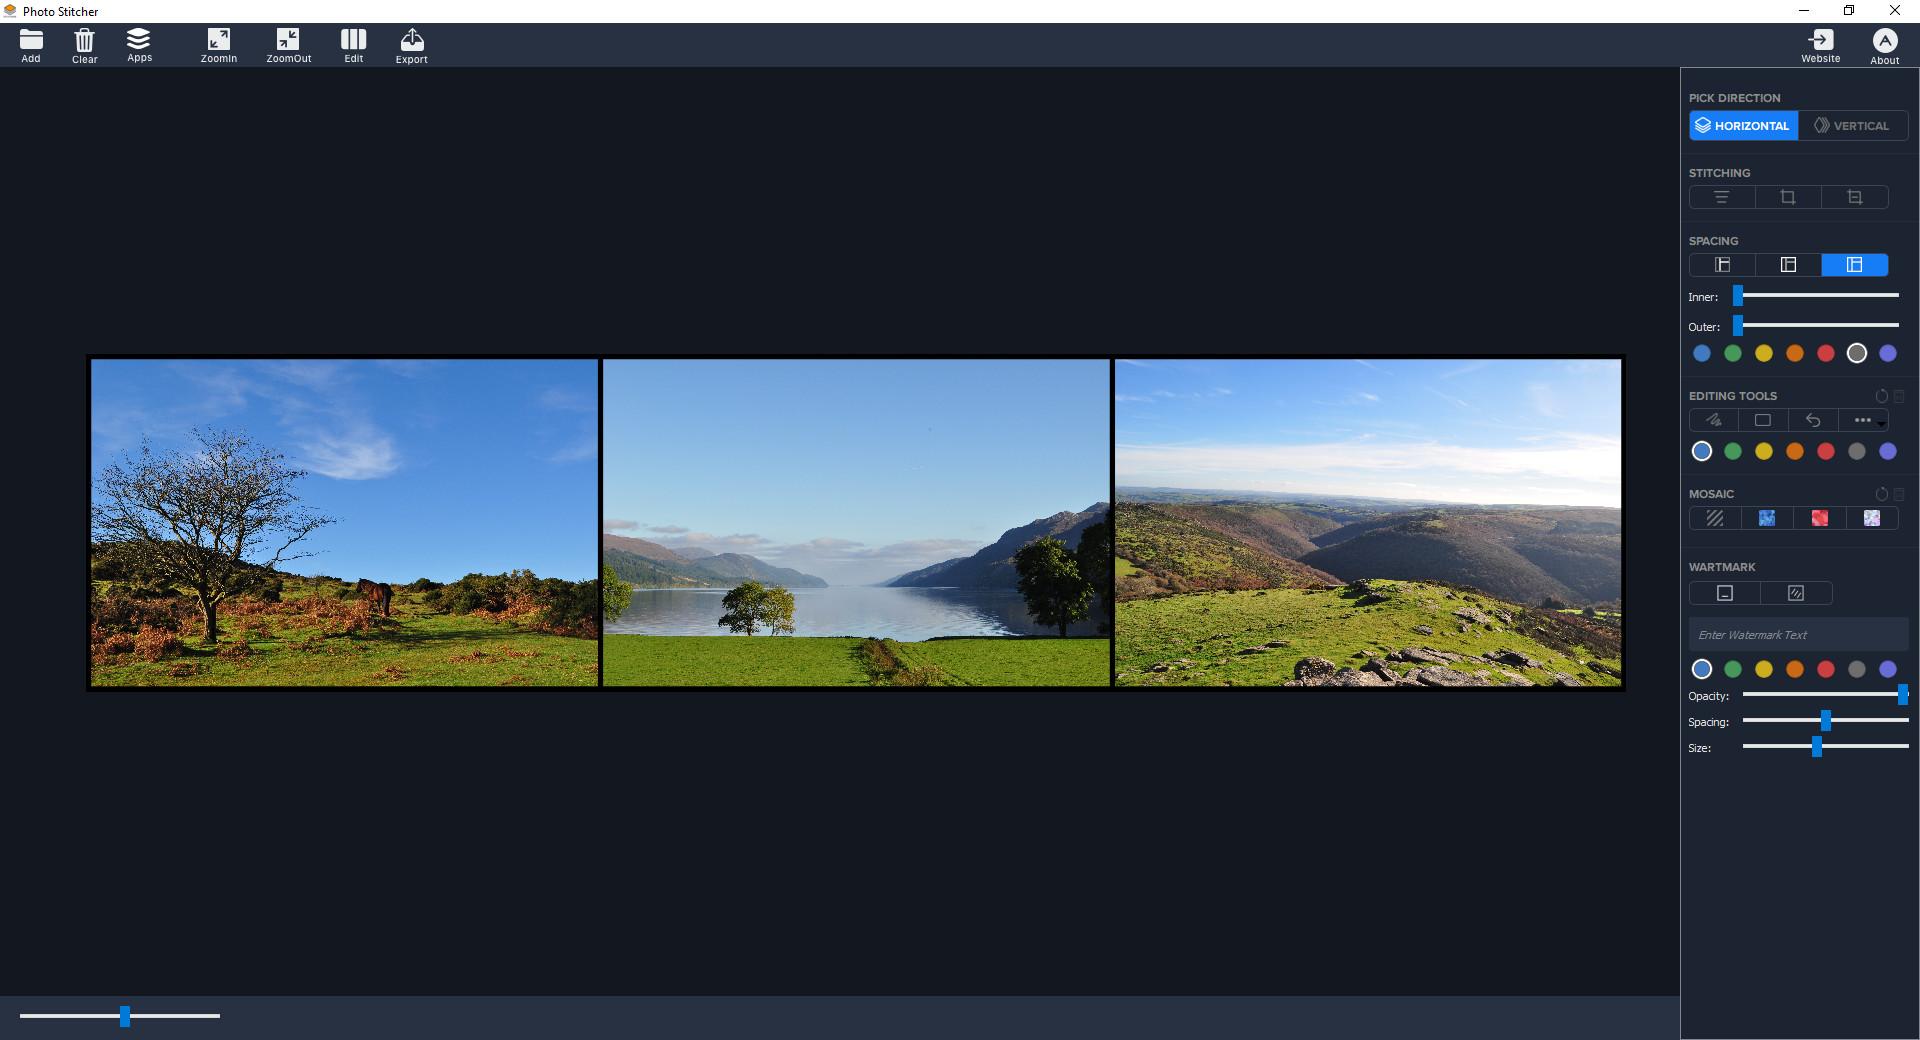 Screenshot 1 - Photo Stitcher